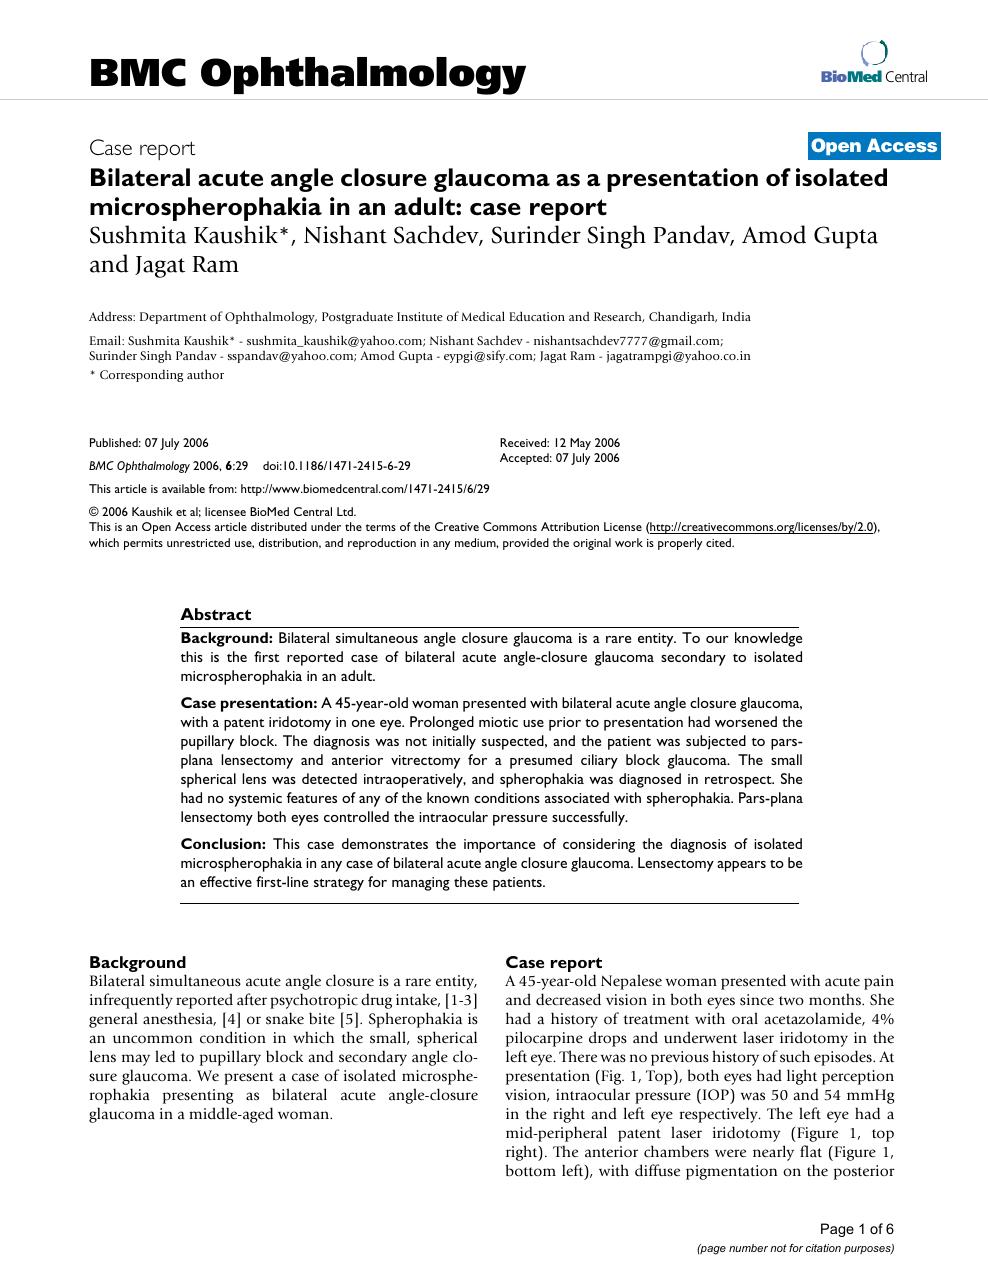 Bilateral acute angle closure glaucoma as a presentation of